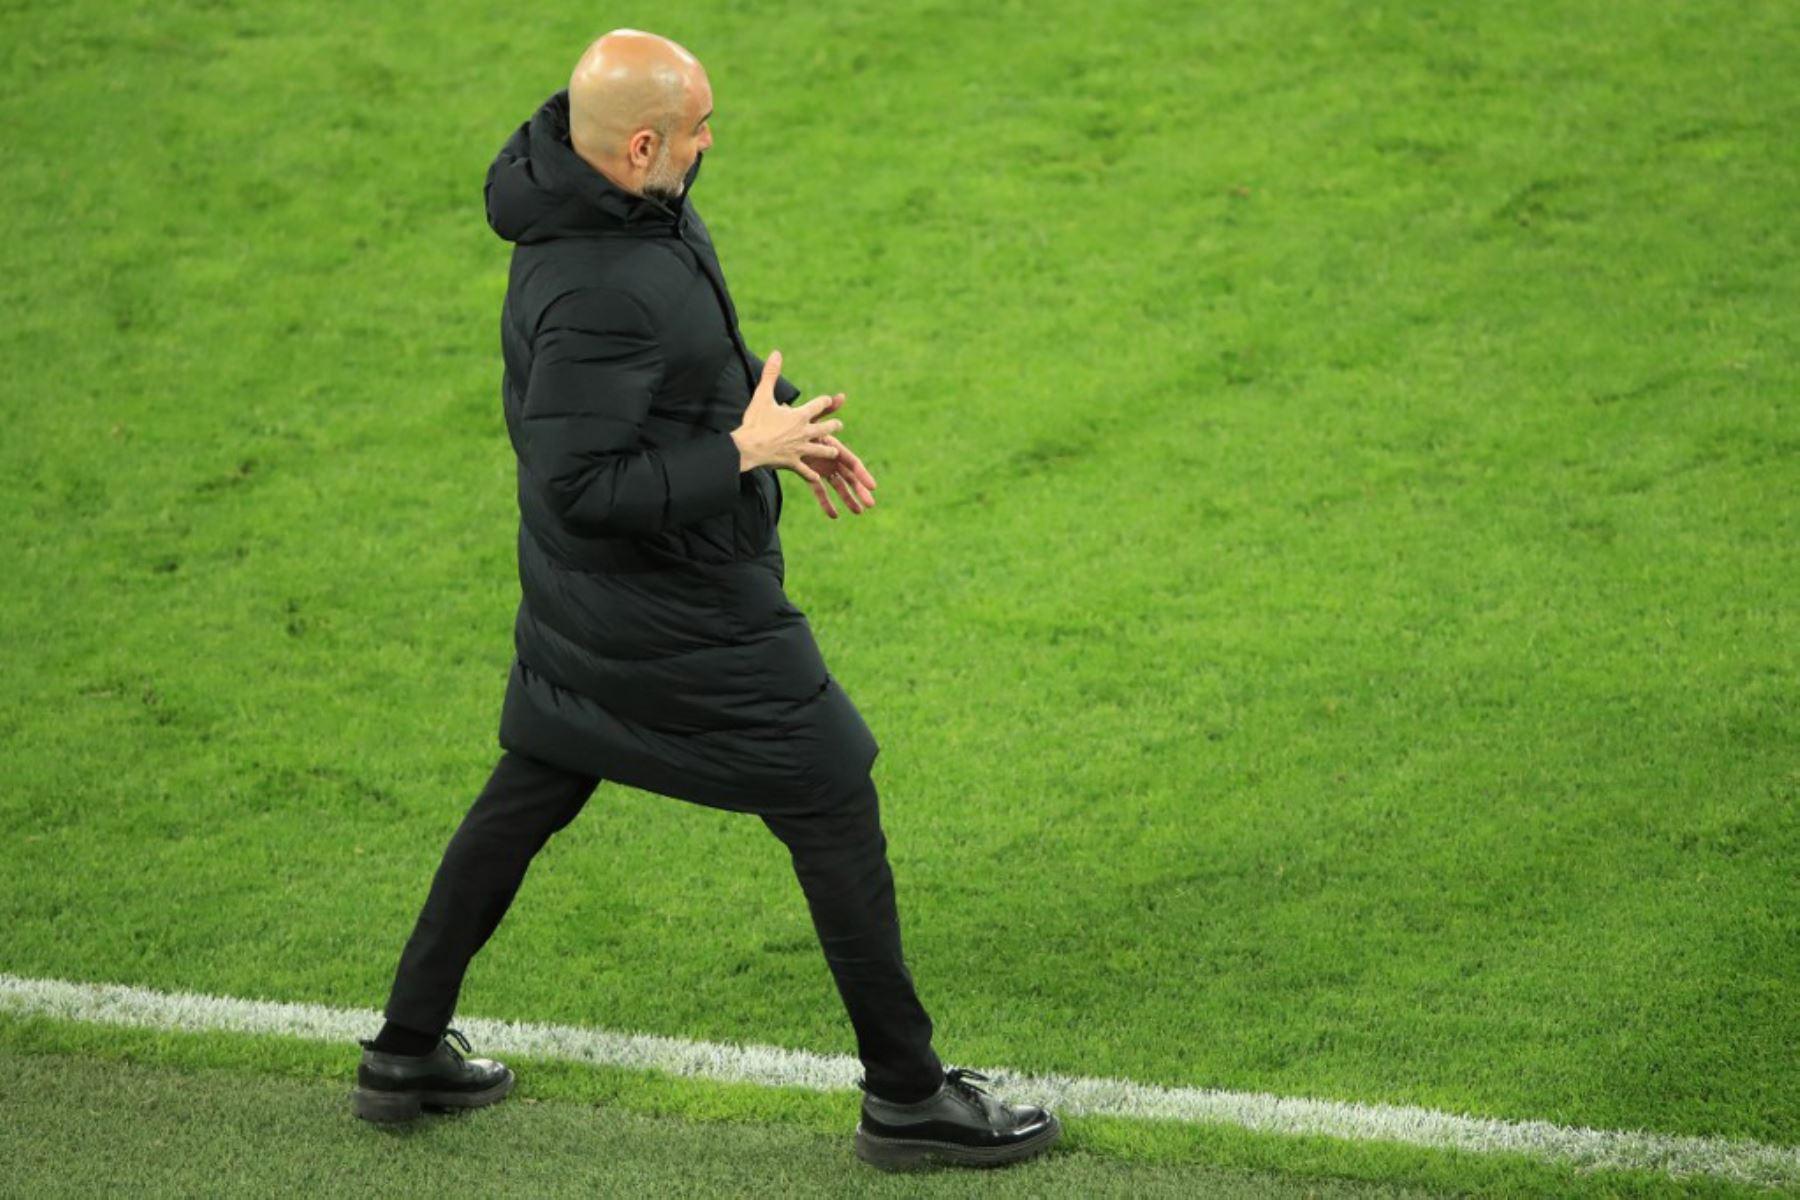 El técnico español del Manchester City, Pep Guardiola, reacciona desde el banquillo durante el partido de vuelta de cuartos de final de la Liga de Campeones de la UEFA entre el BVB Borussia Dortmund y el Manchester City en Dortmund.  Foto: AFP